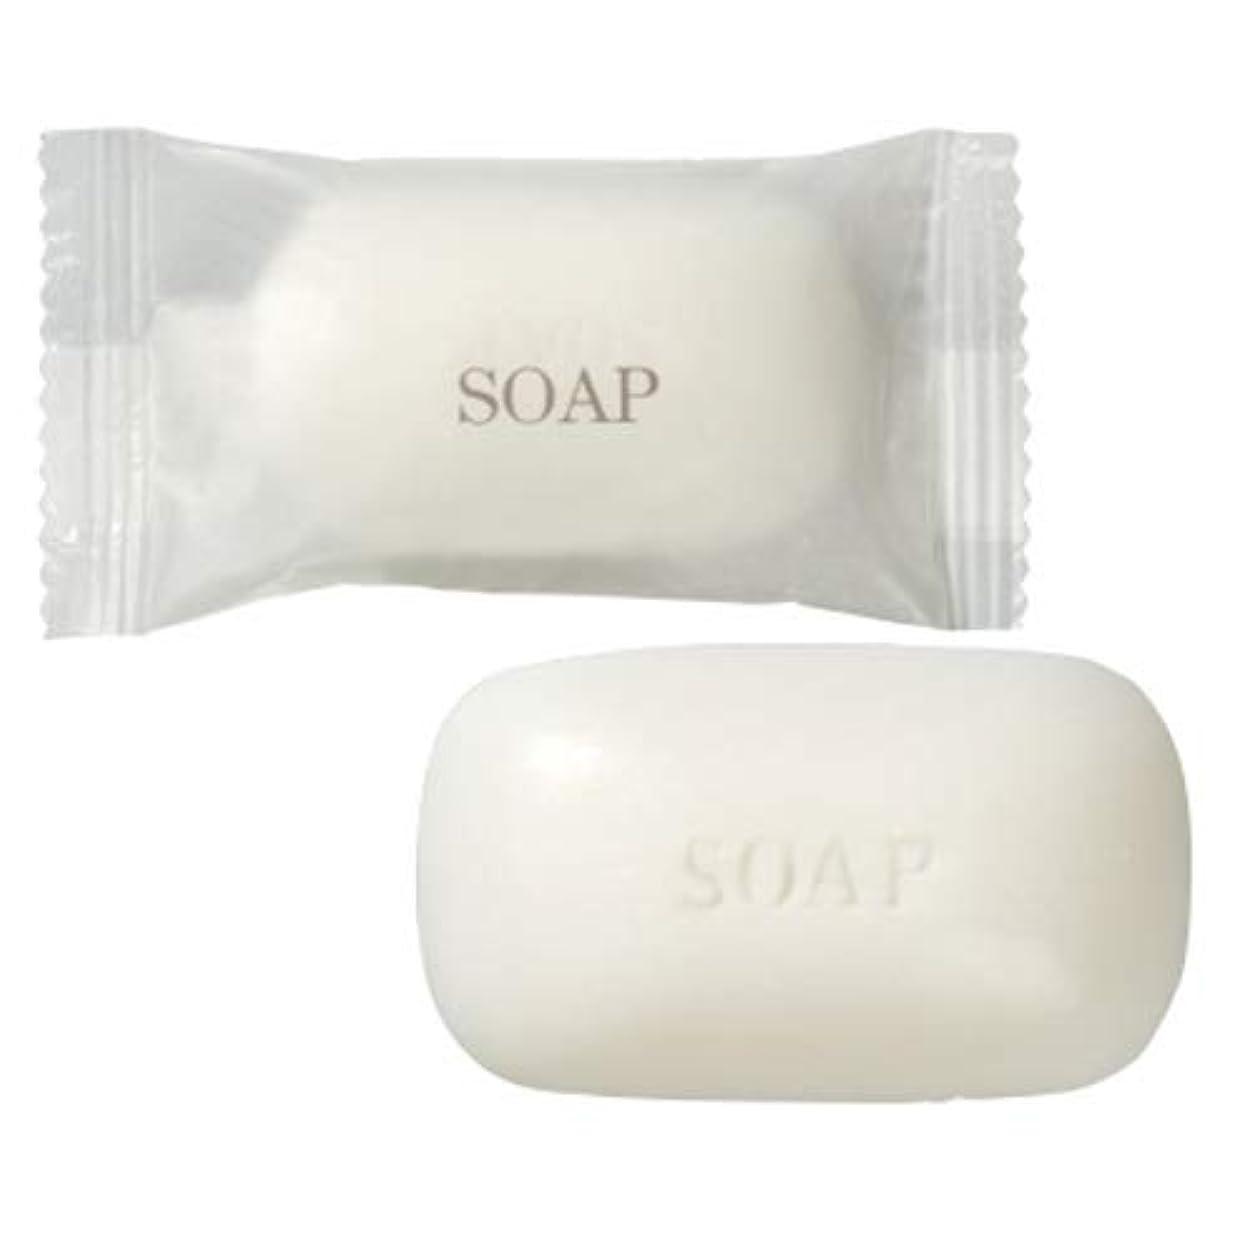 肥満頼む行為業務用 フィードソープ(FEED SOAP) マット袋(M袋) 15g ×50個 | ホテルアメニティ 個包装